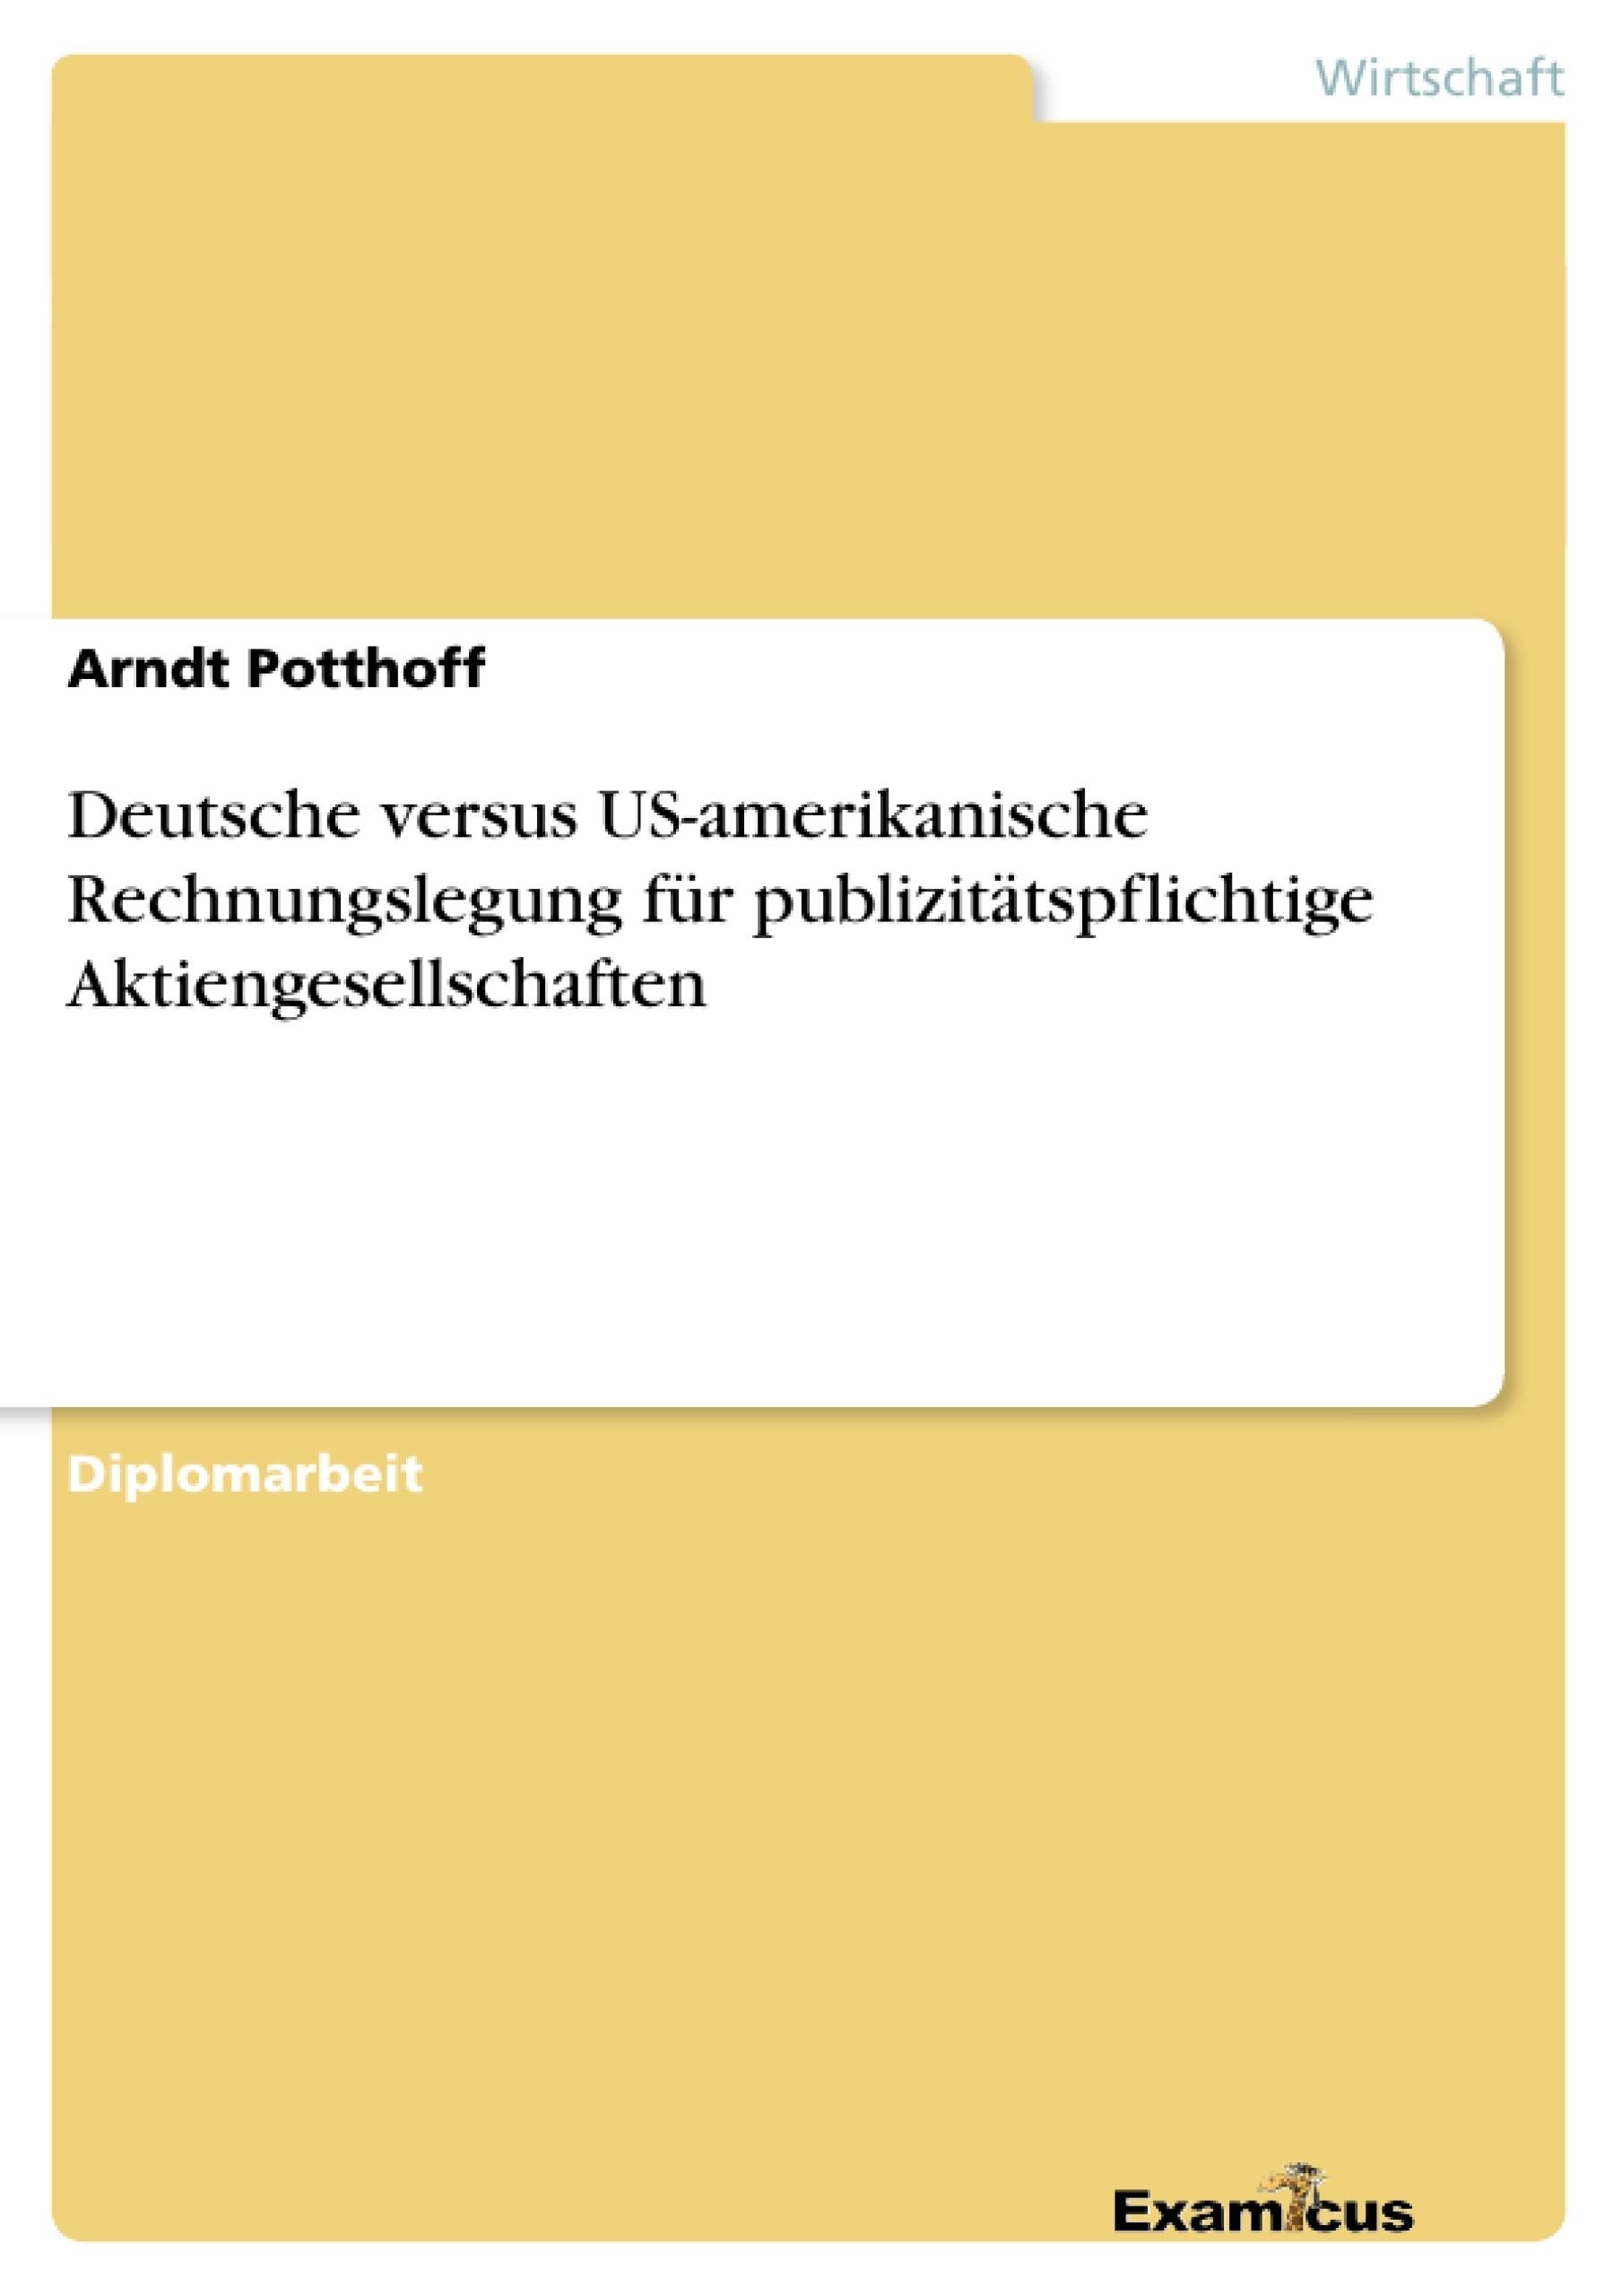 Titel: Deutsche versus US-amerikanische Rechnungslegung für publizitätspflichtige Aktiengesellschaften